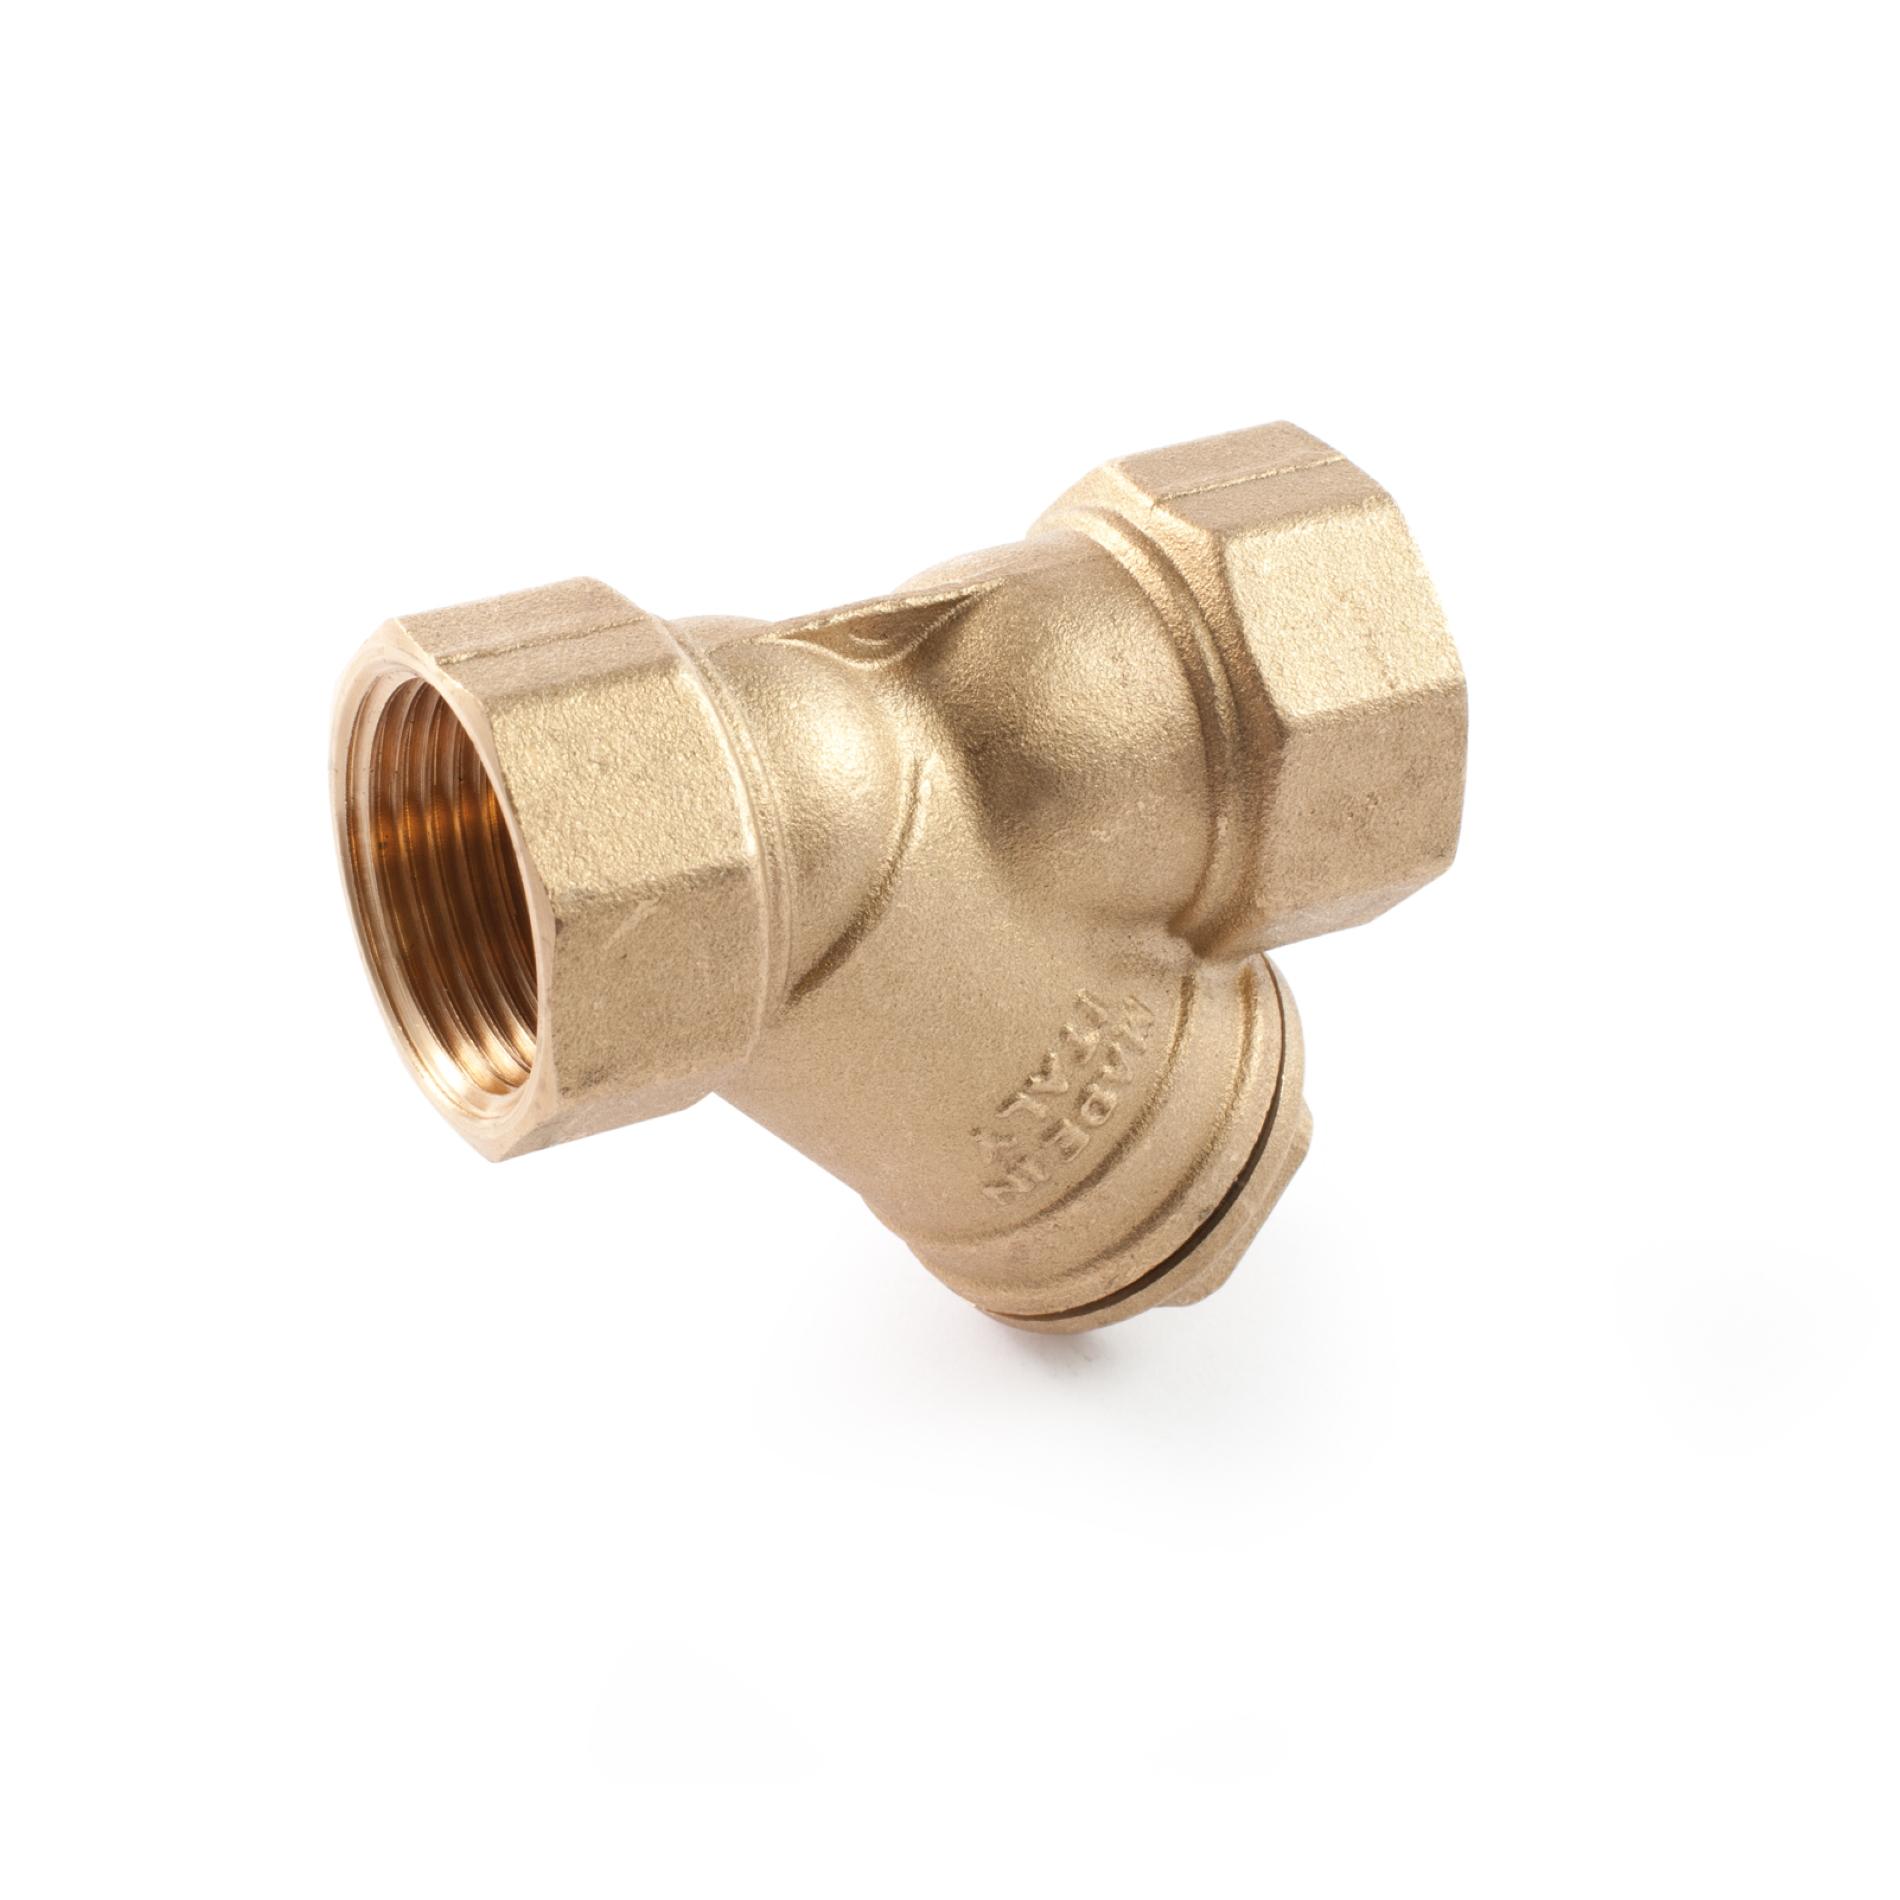 412R Filtro in ottone per liquidi a passaggio ridotto Brass Y pattern strainer for liquids reducing bore